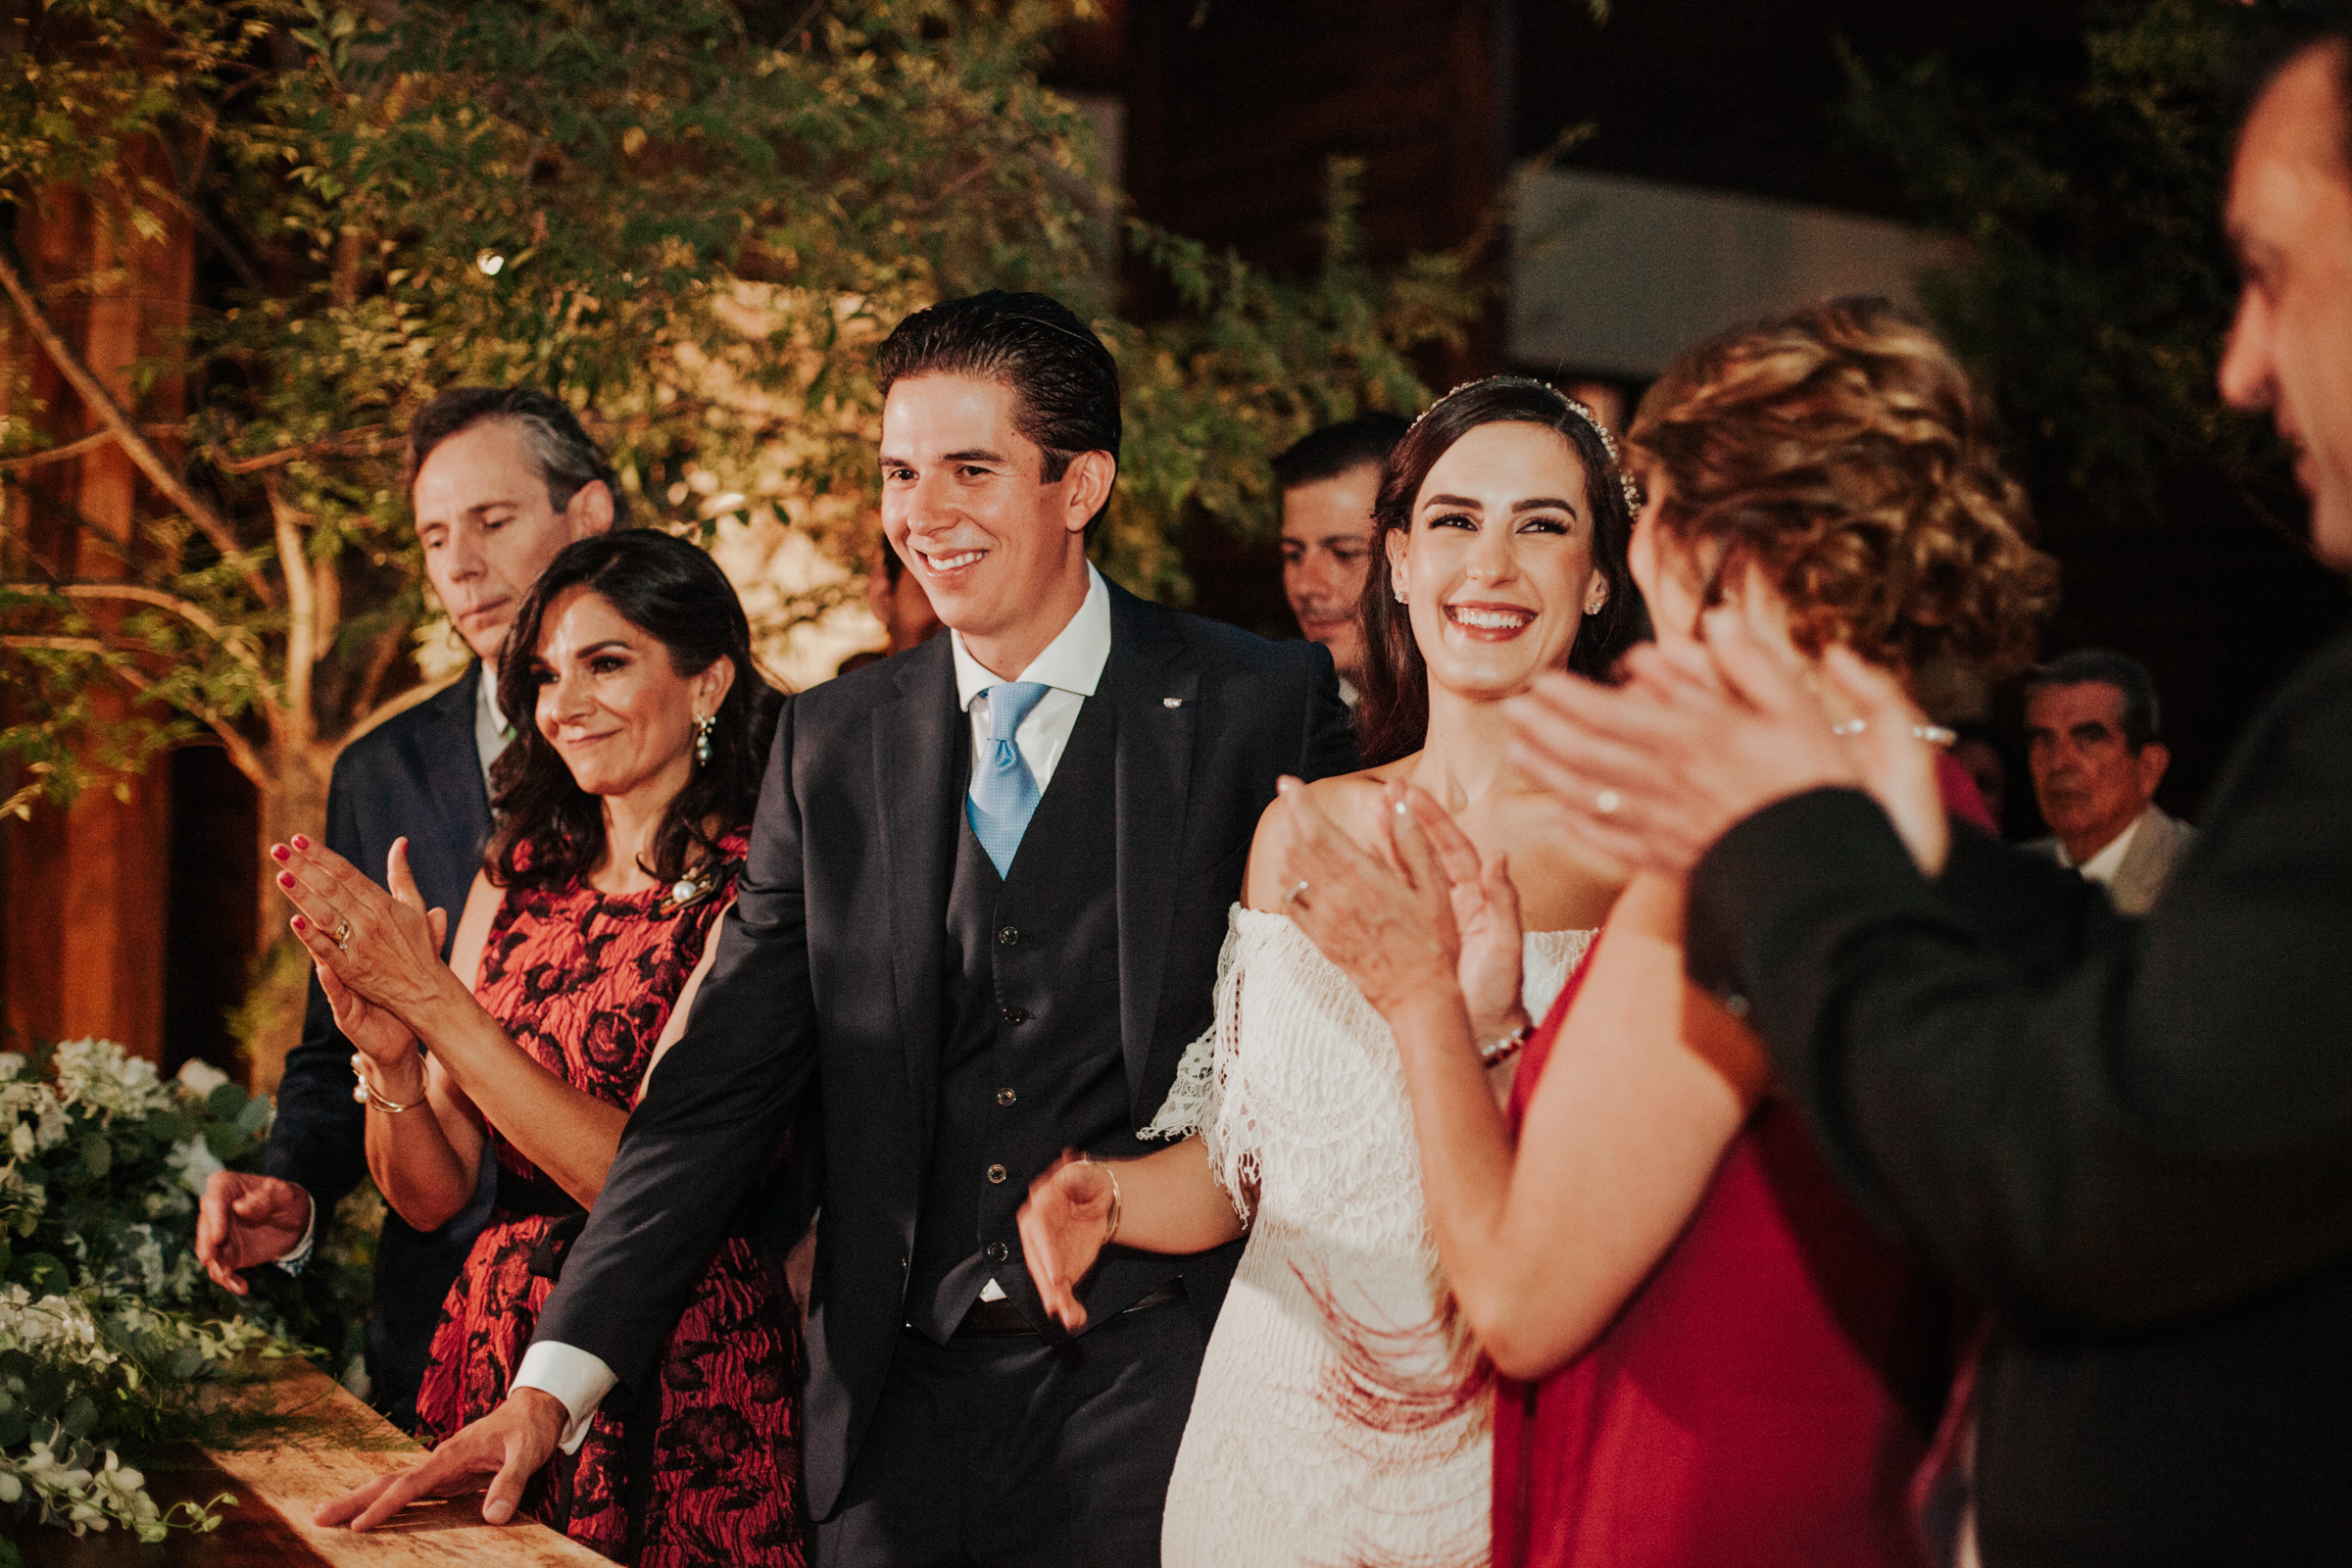 boda-mexico-fotografia-leon-guanajuato-san-miguel-de-allende-lucia-lorenzo-pierce-324.jpg